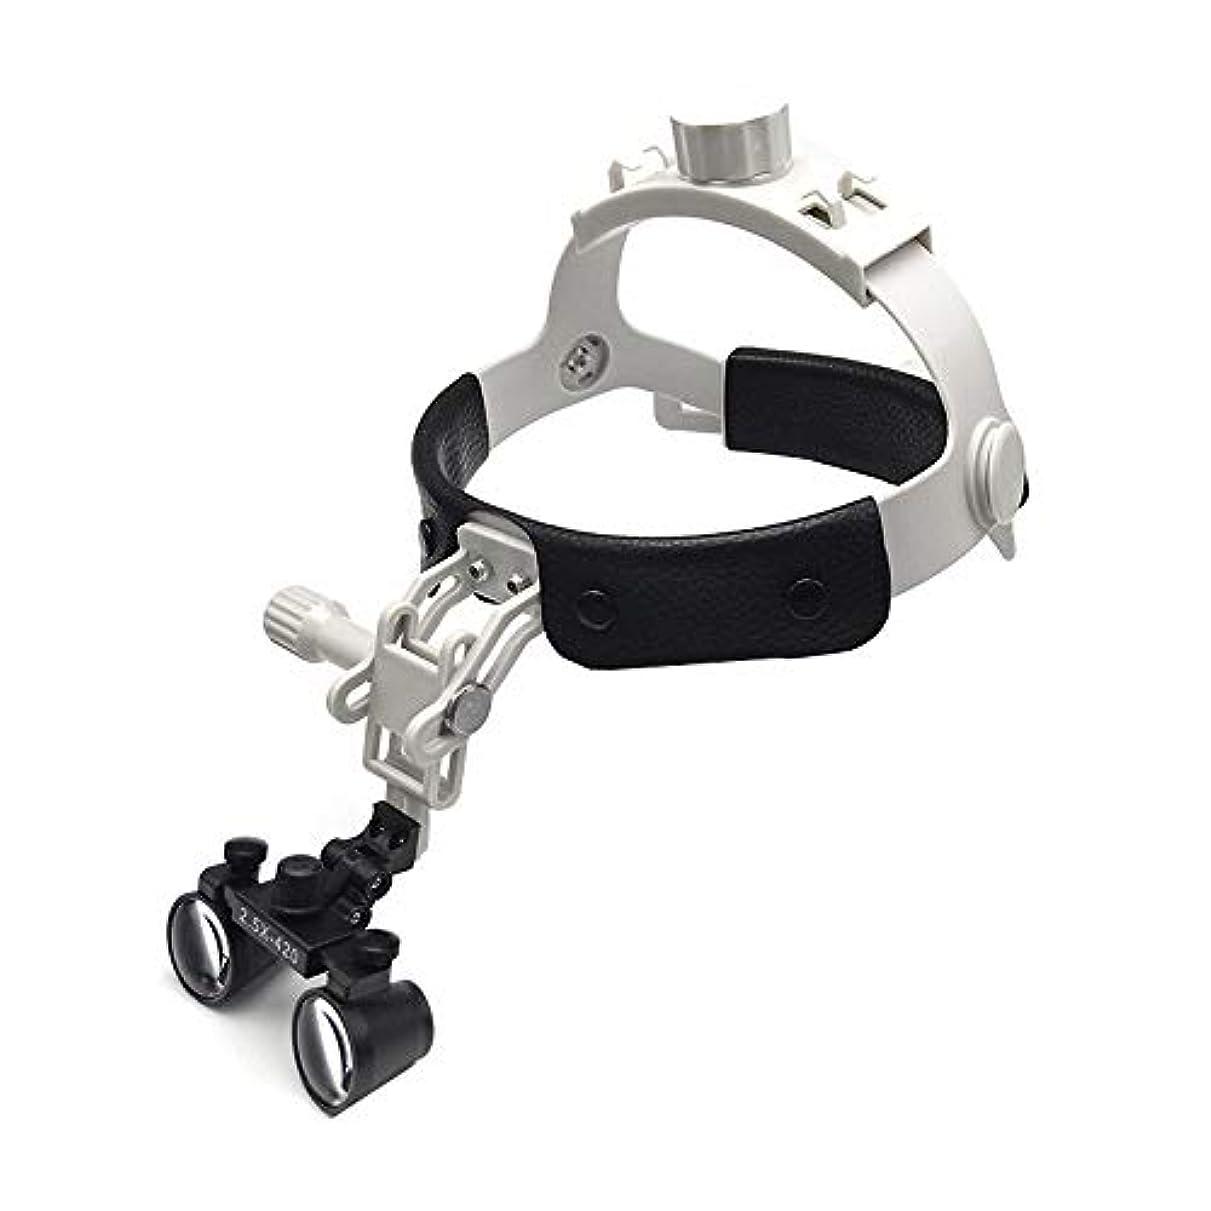 噴出する忘れられないリマレザーケアと拡大鏡を身に着けて軽量小型レンズ2.5倍